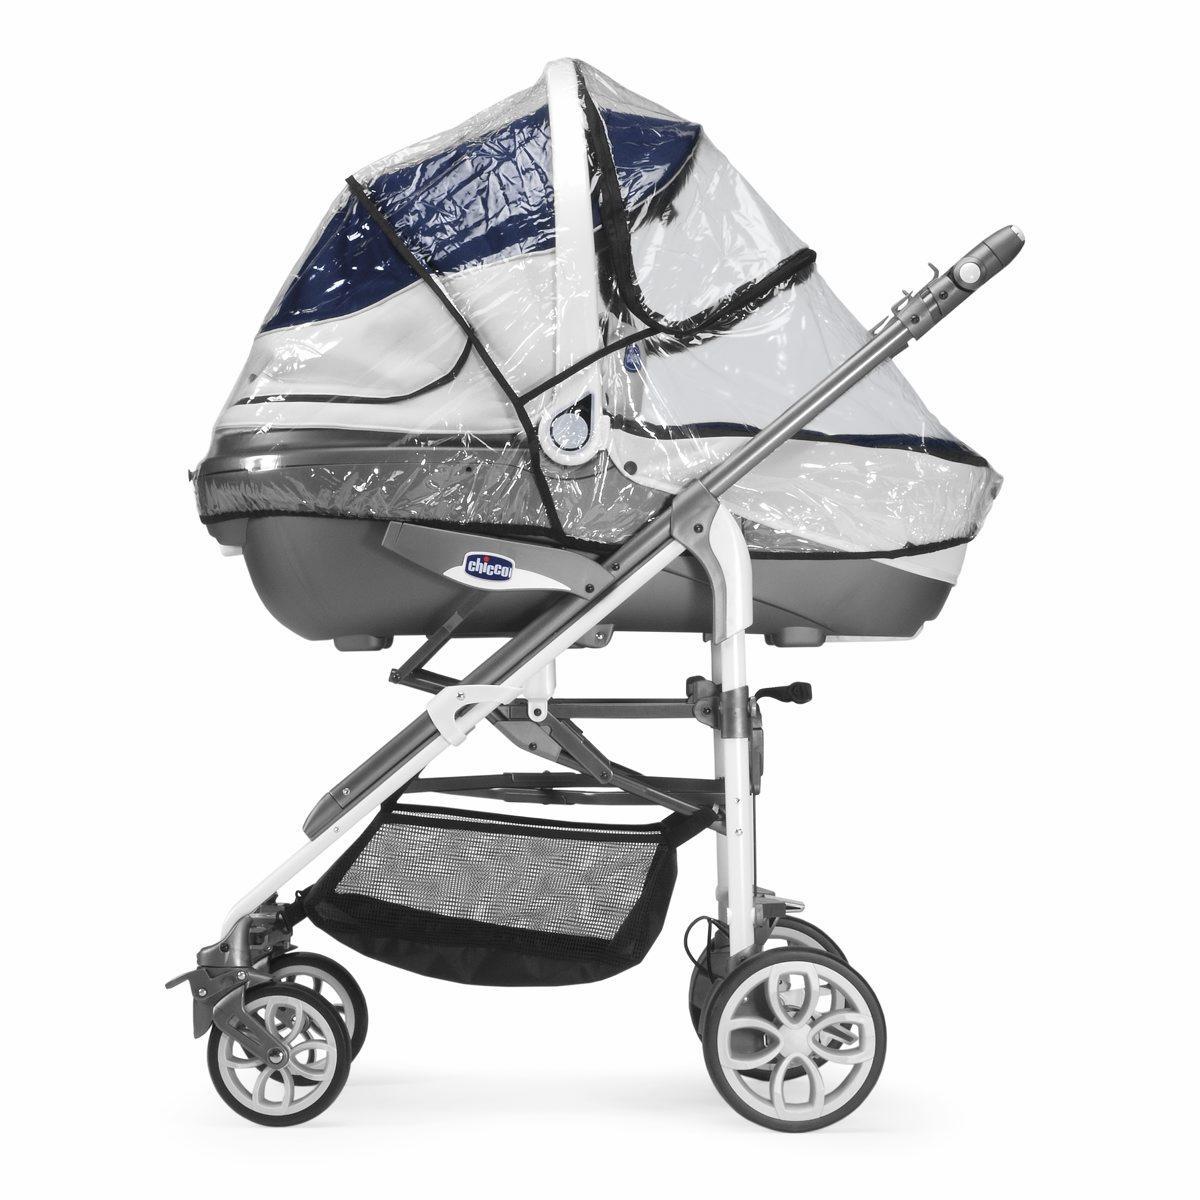 Фирмы детских колясок